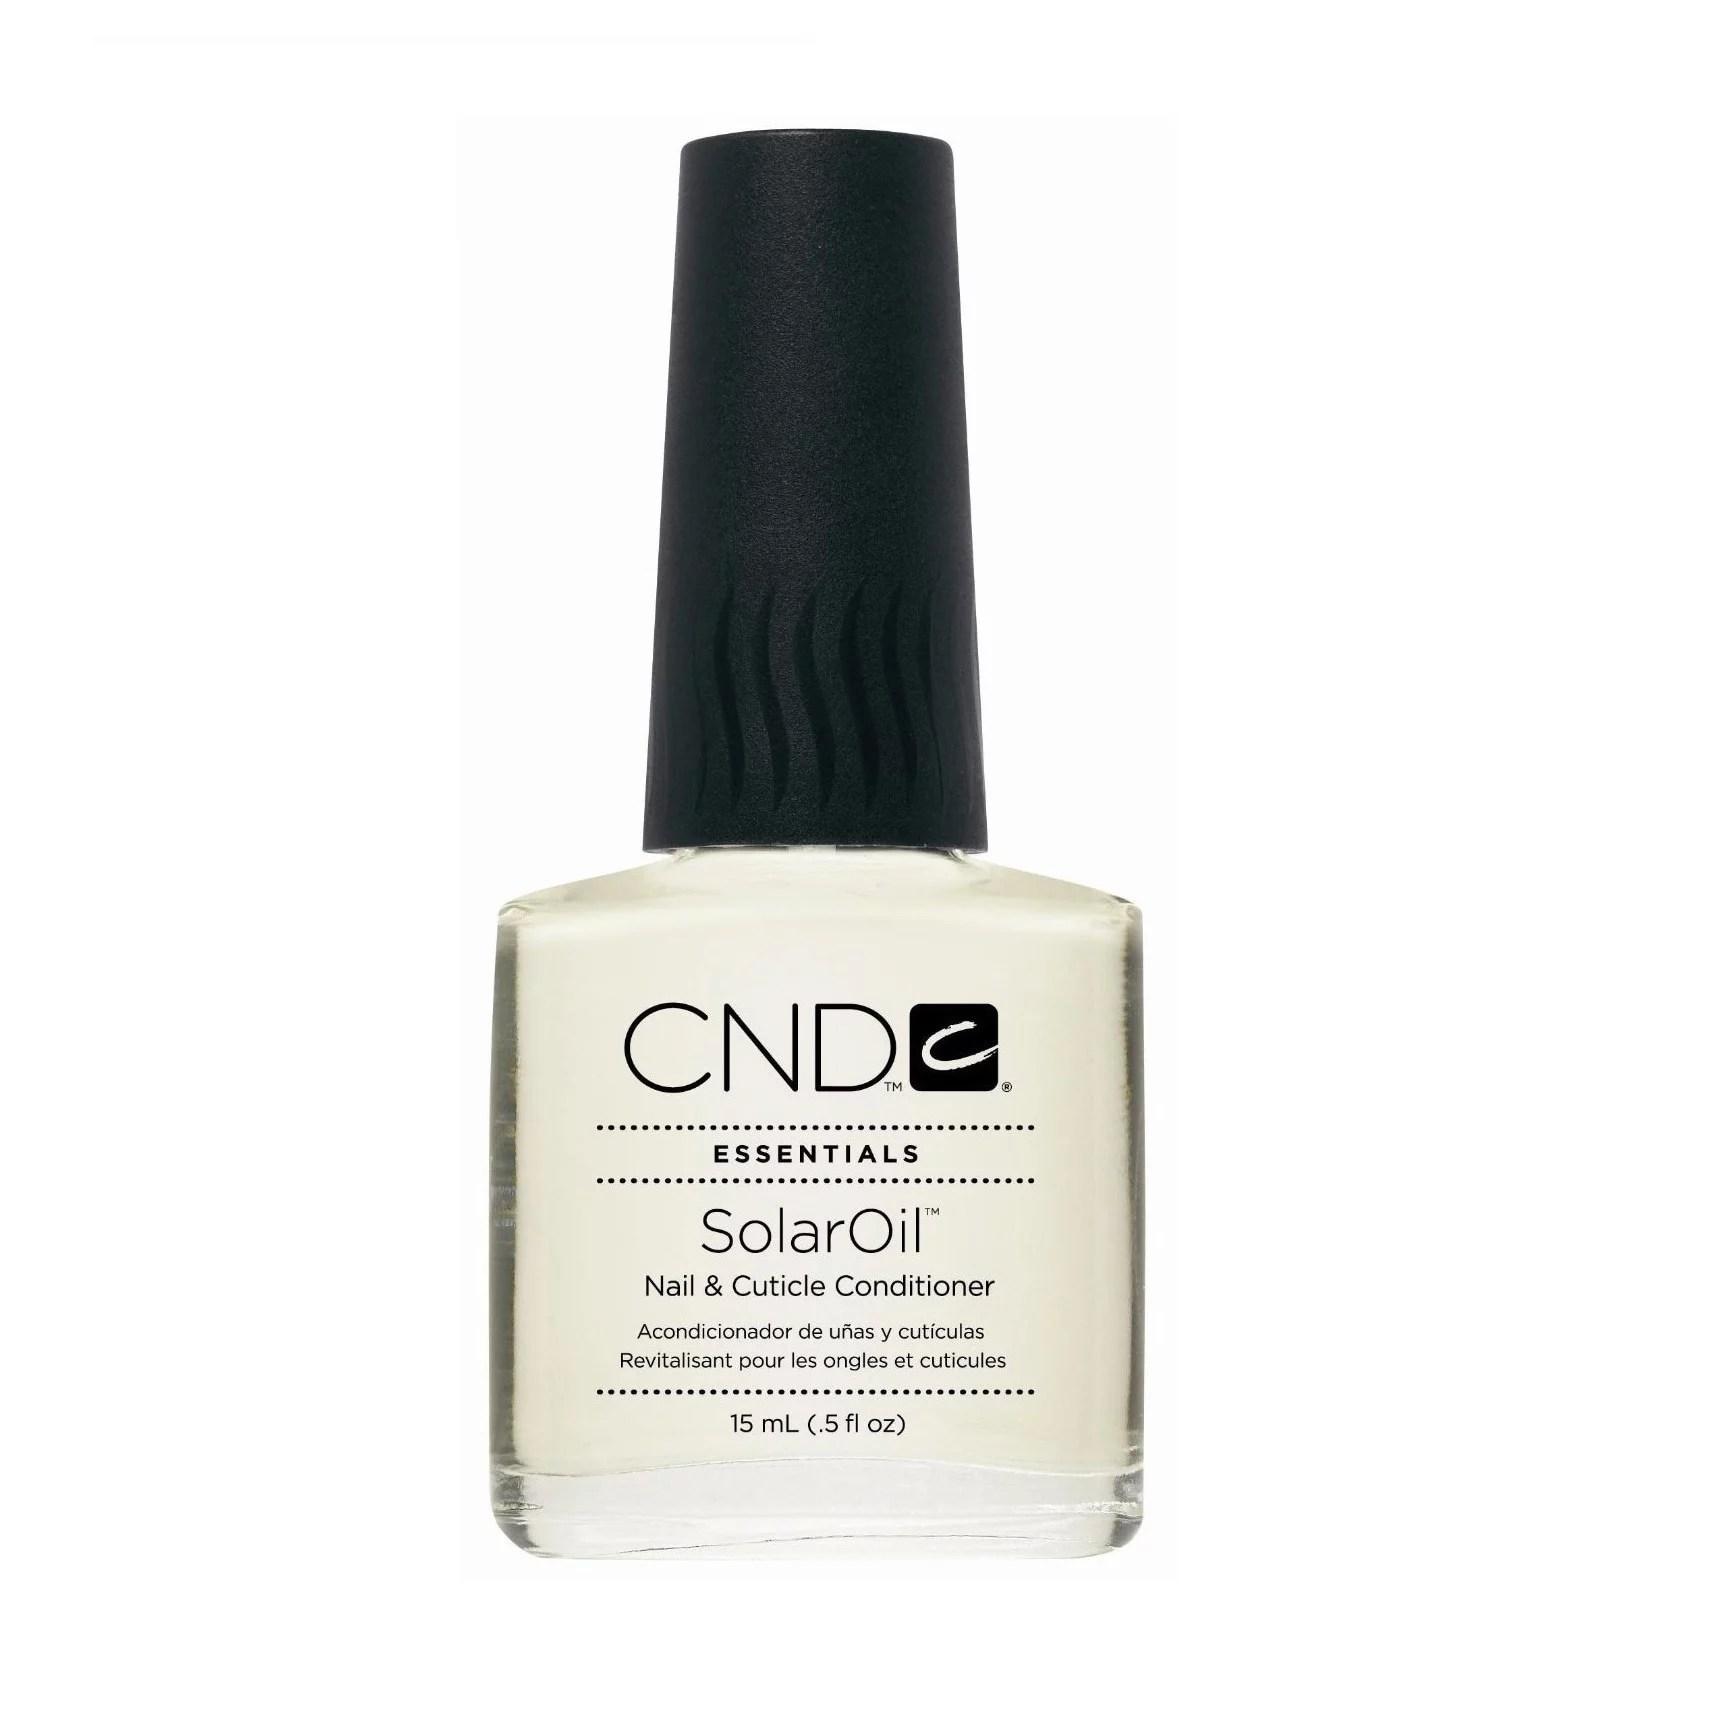 CND Essentials Nail & Cuticle Conditioner, SolarOil, 0.5 Oz